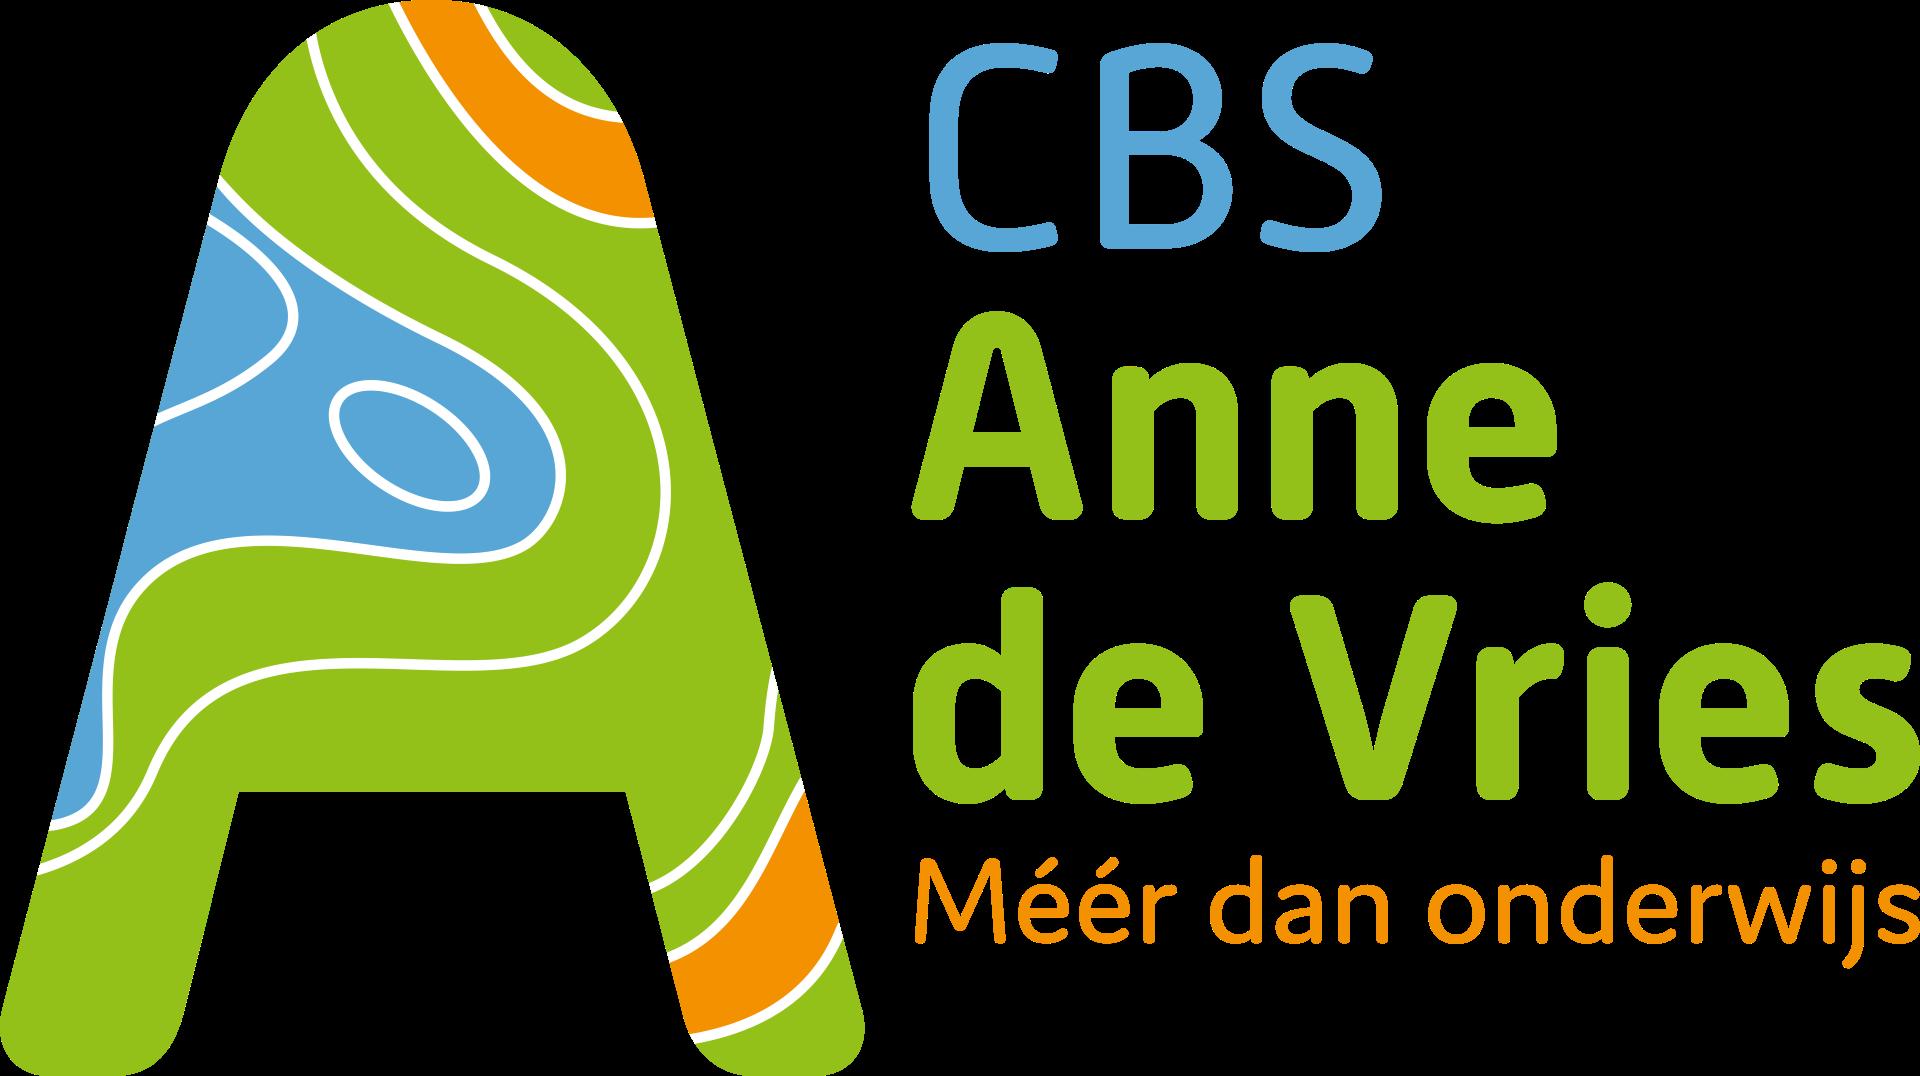 CBS Anne de Vries